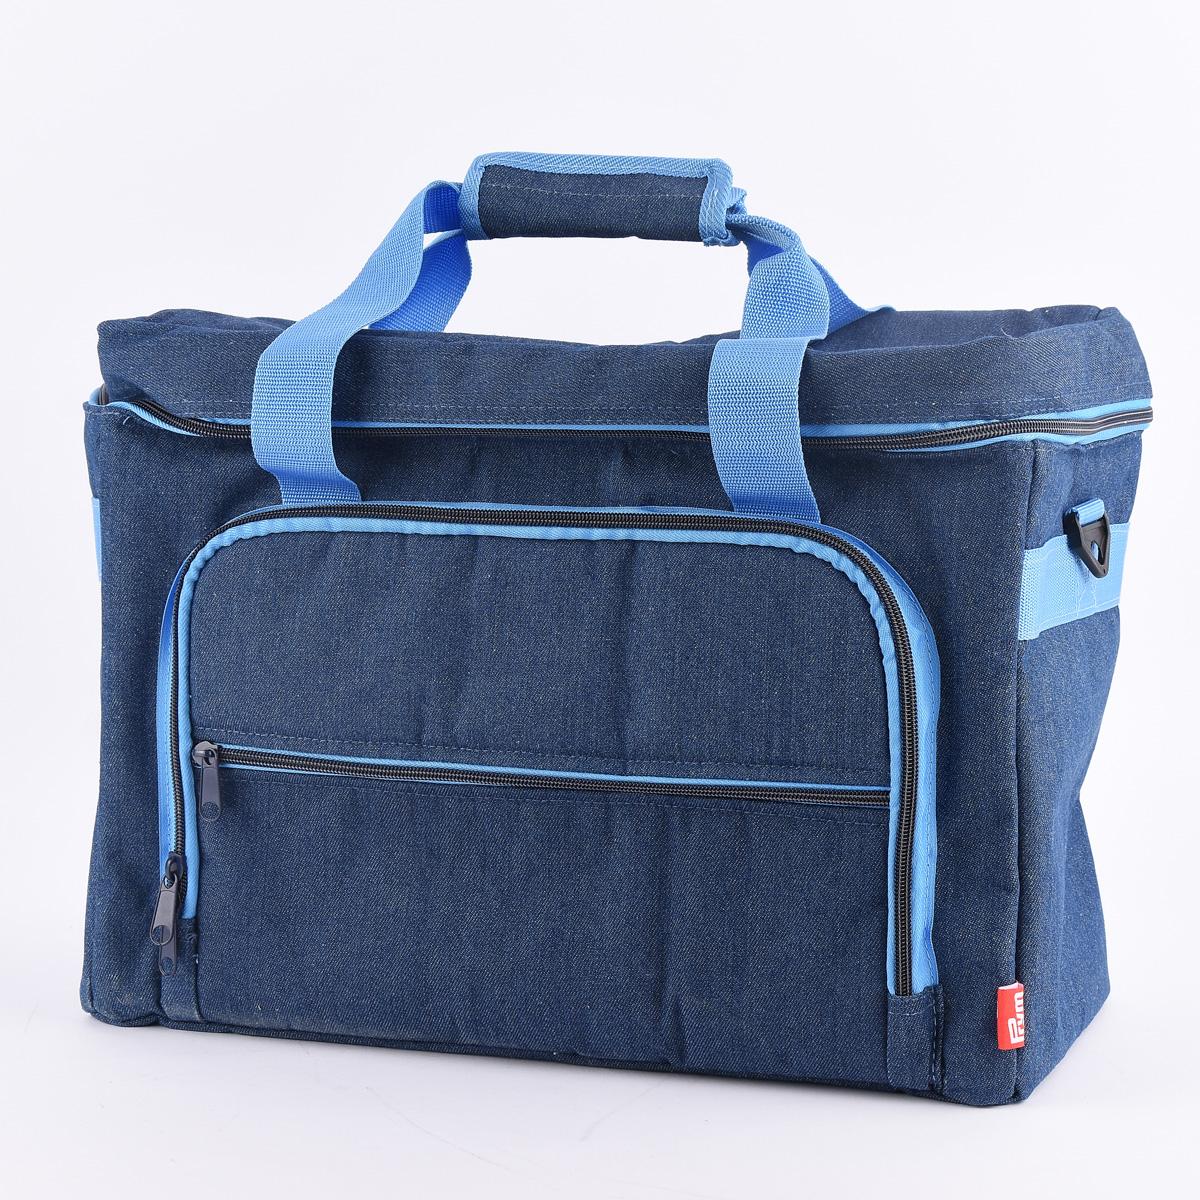 Prym Nähmaschinen Tasche Jeans blau 44x20x35cm